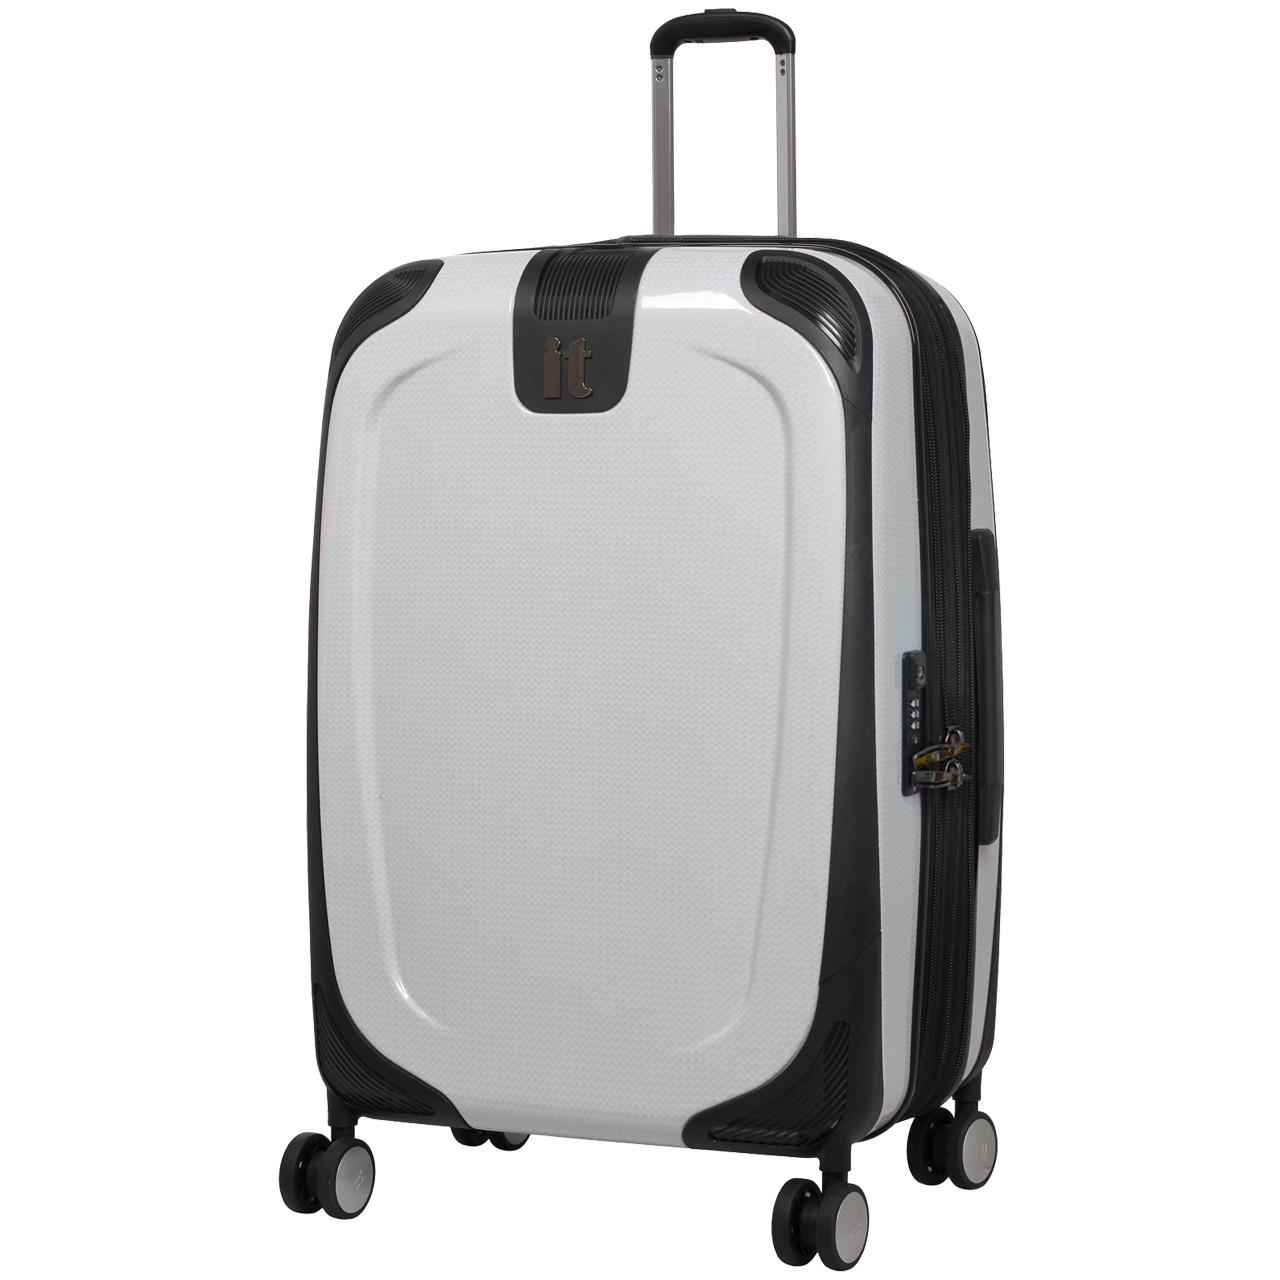 چمدان ای تی مدل HEAT سایز متوسط